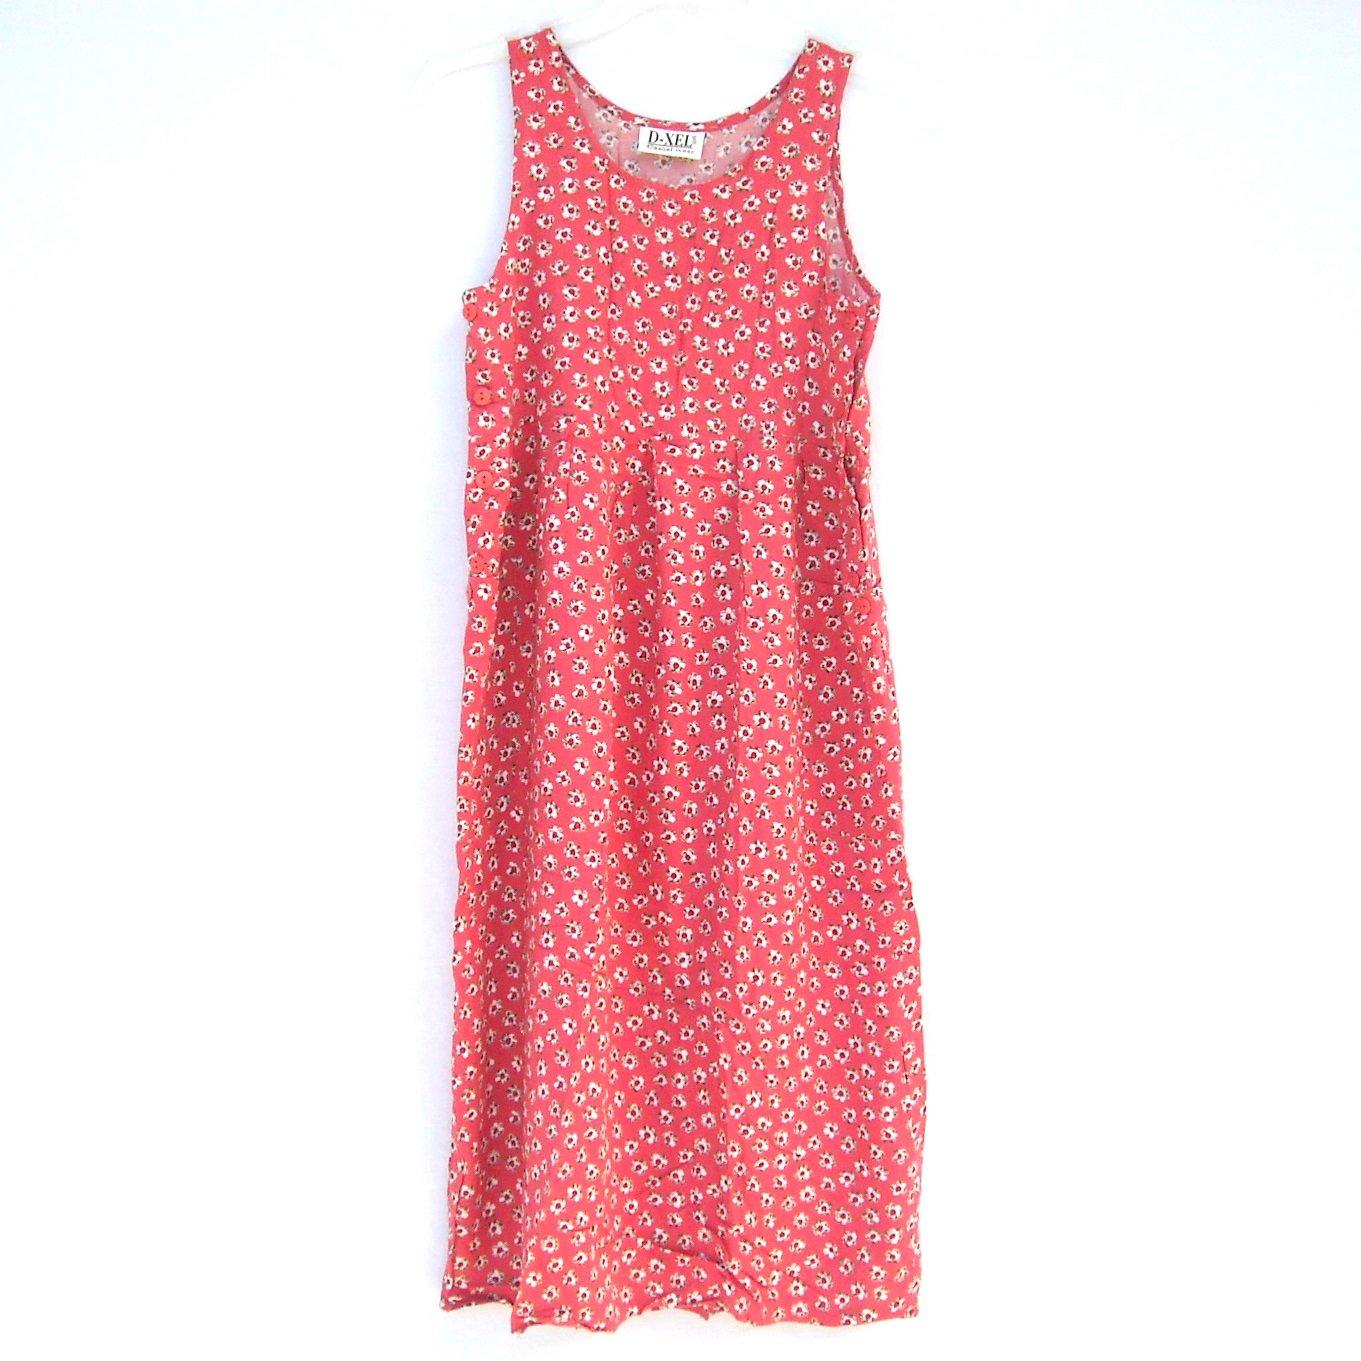 Dxel casual wear girls vintage danish summer dress size 10